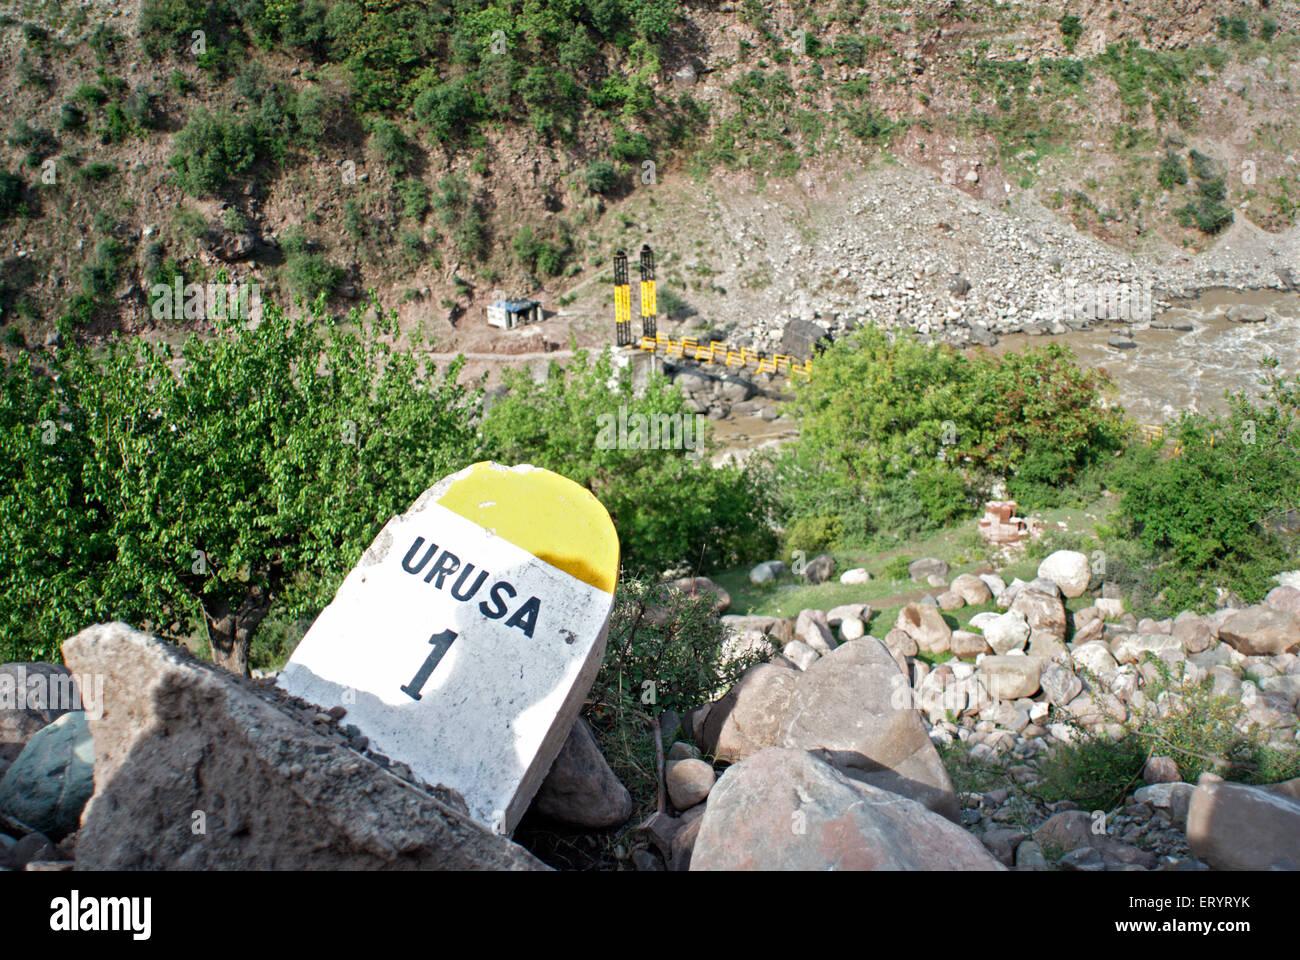 Pietra miliare danni che mostra la distanza di Urusa ; Baramulla ; Jammu e Kashmir ; India 6 Aprile 2008 Immagini Stock